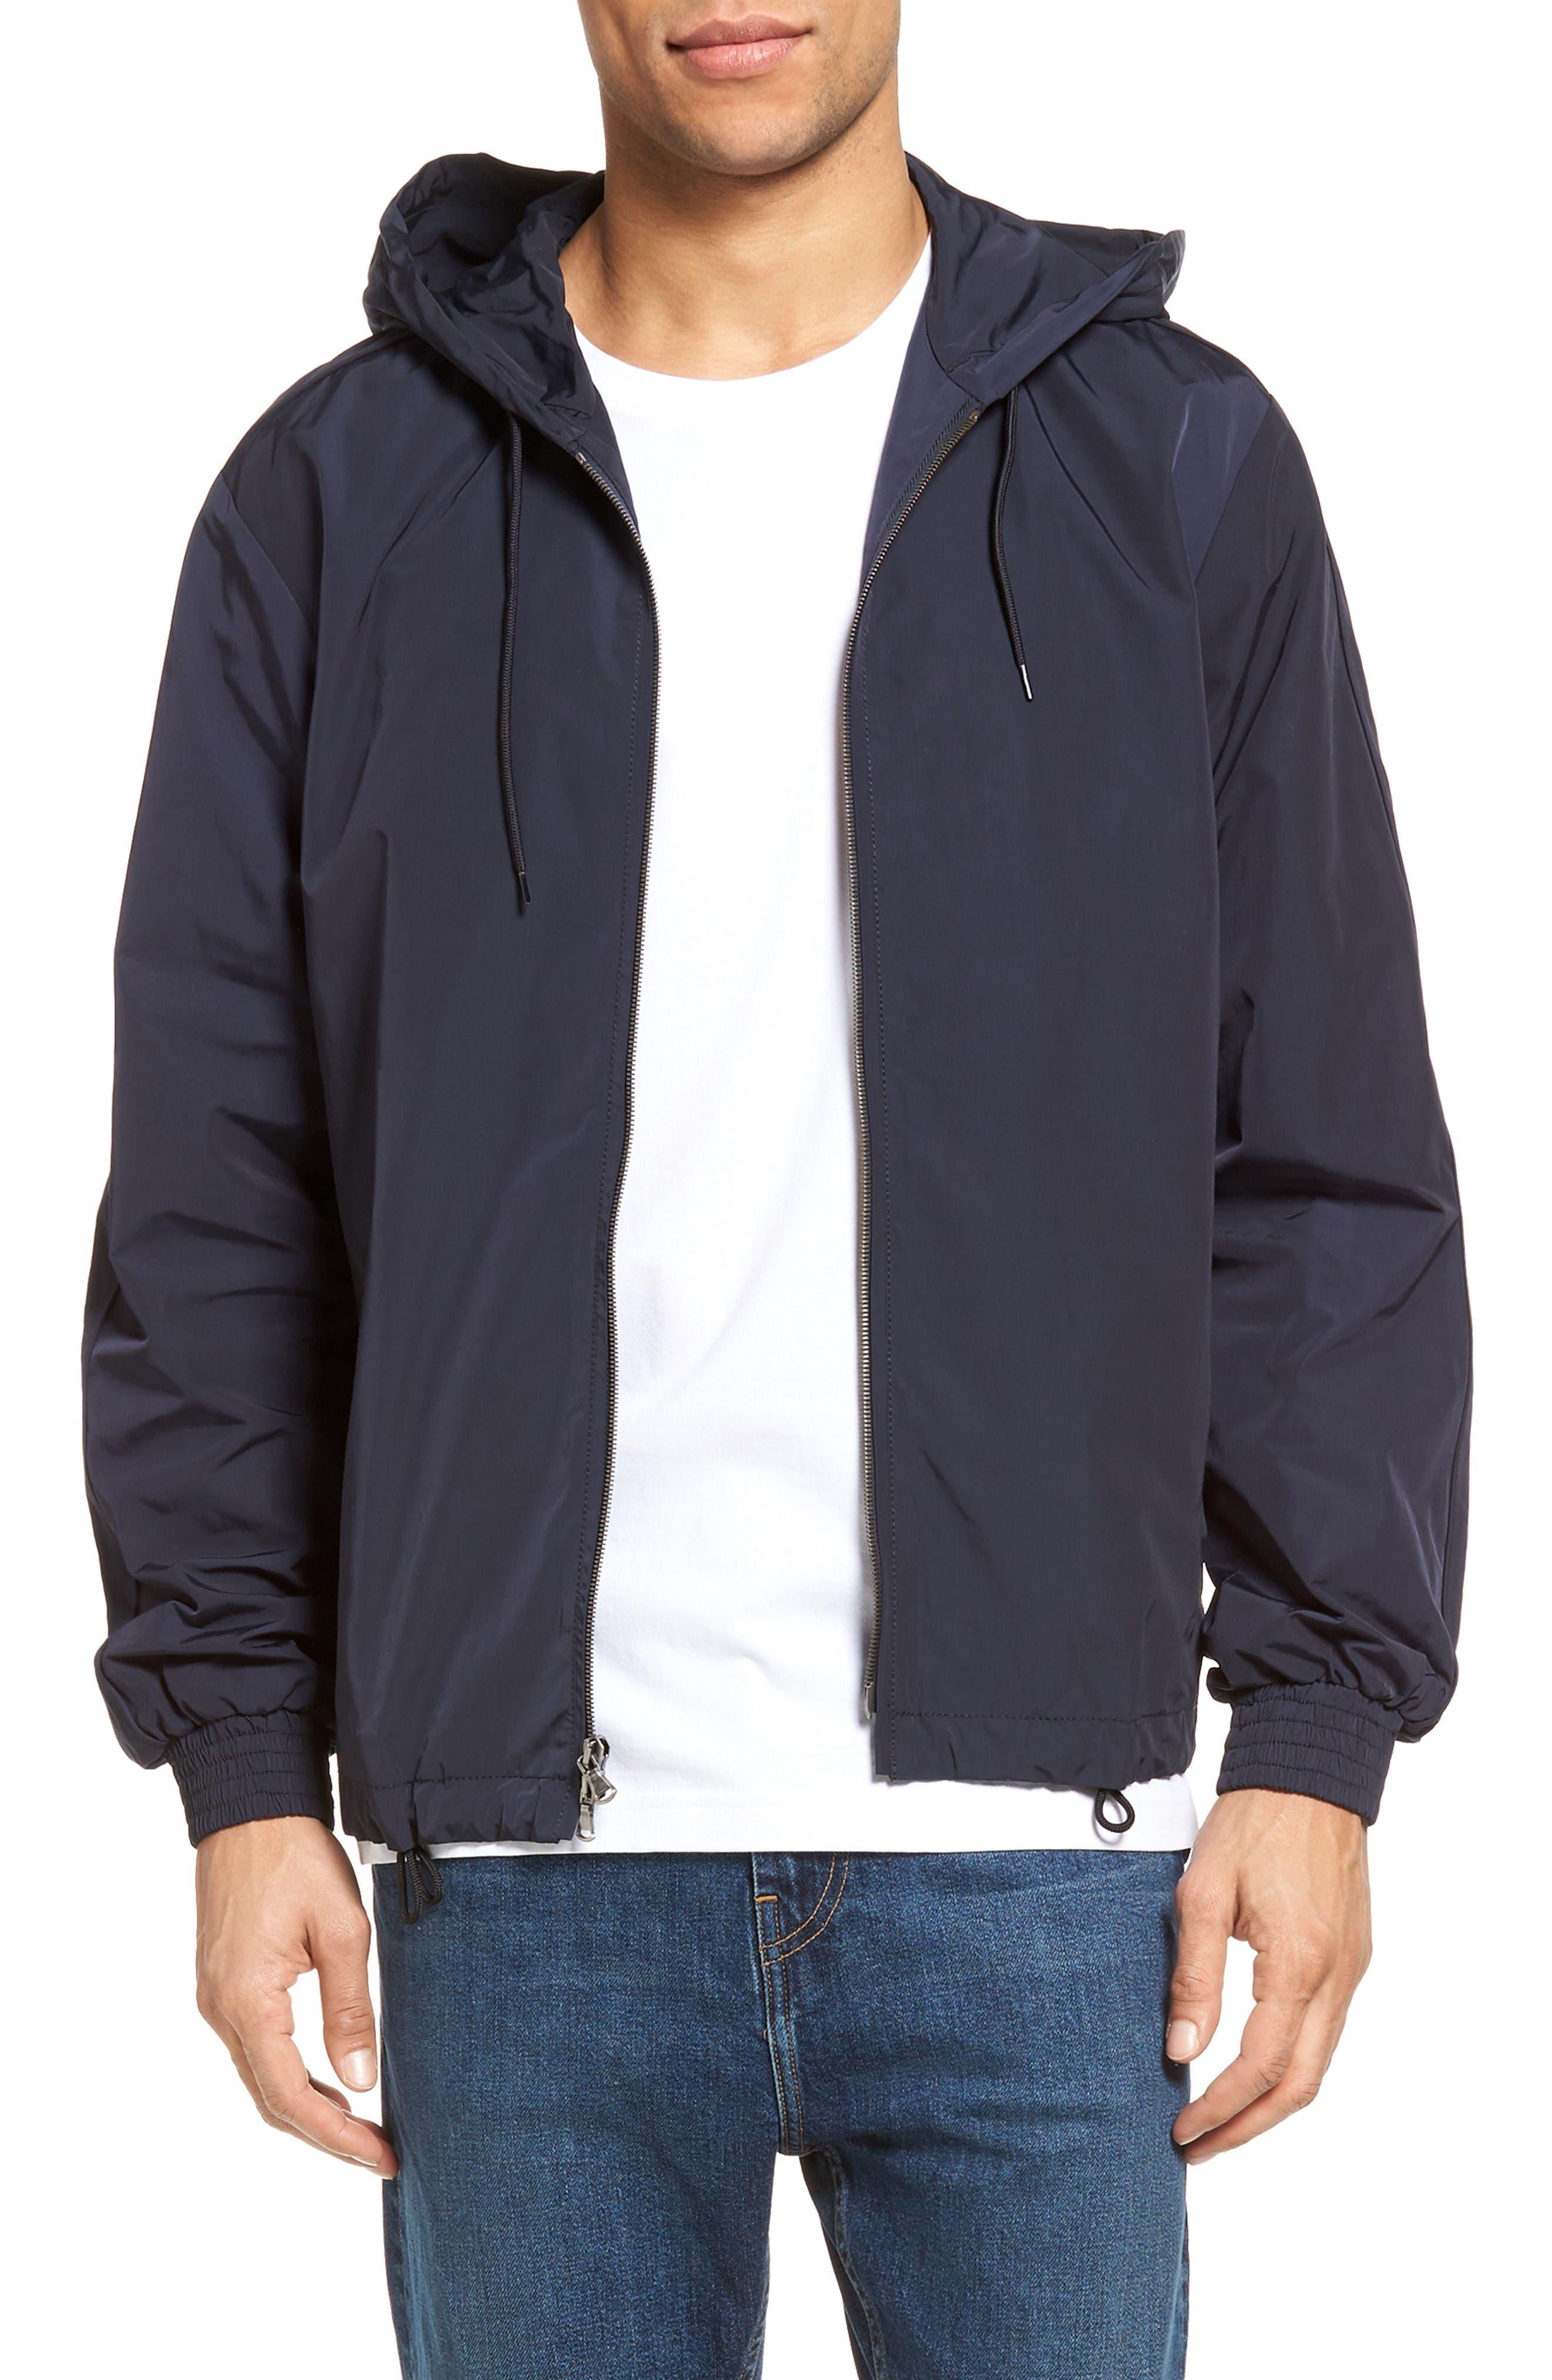 Alternate Image 1 Selected - Vince Hooded Track Jacket